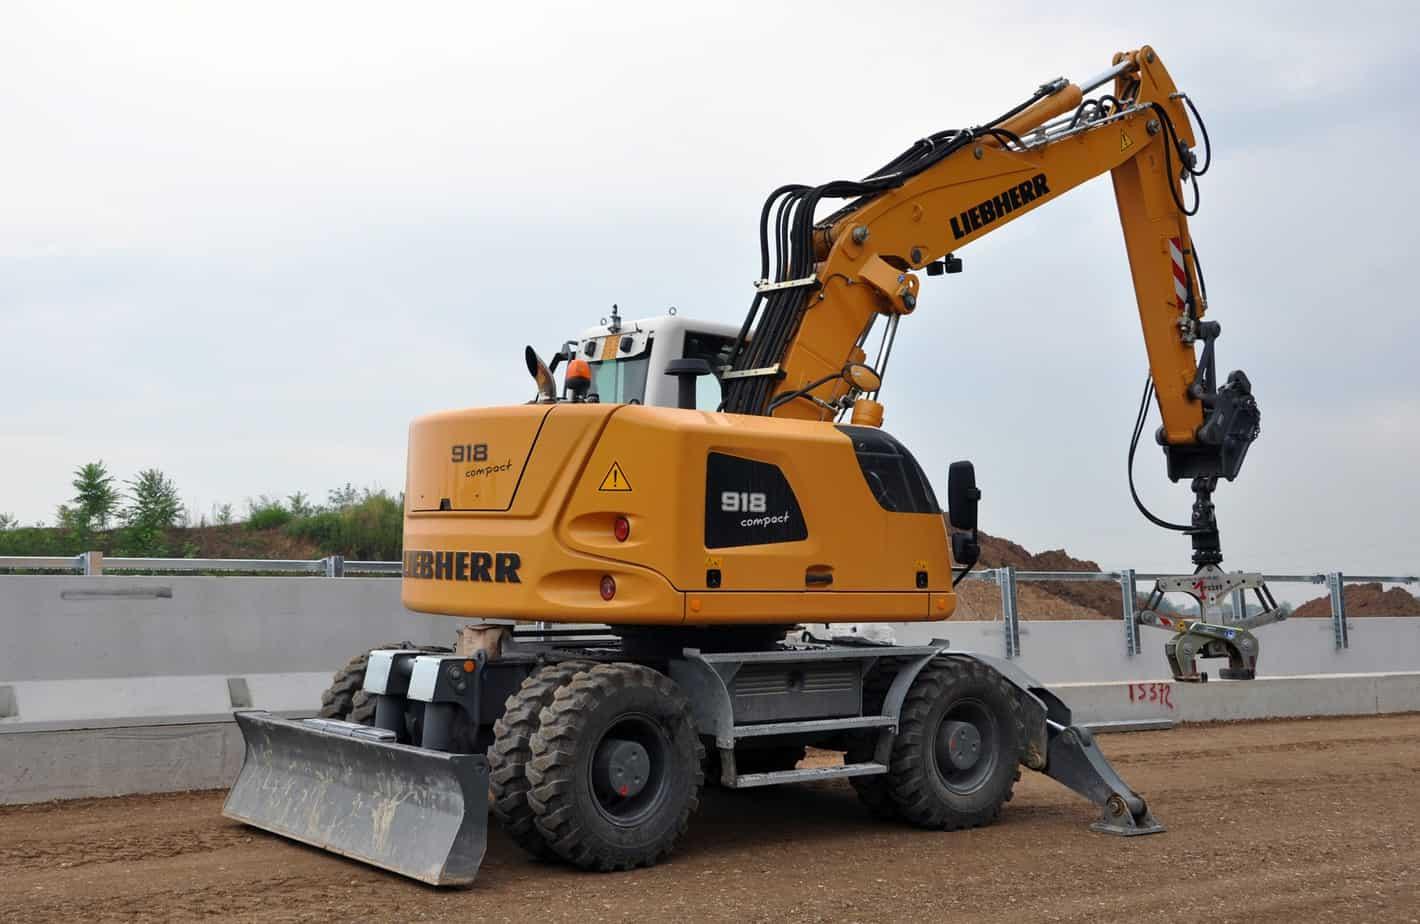 Liebherr-EMtec Italia SpA ha recentemente consegnato all'Impresa Crezza Srl di Gordona (SO), Azienda leader nella produzione e posa di manufatti in calcestruzzo, un escavatore gommato A918 Compact